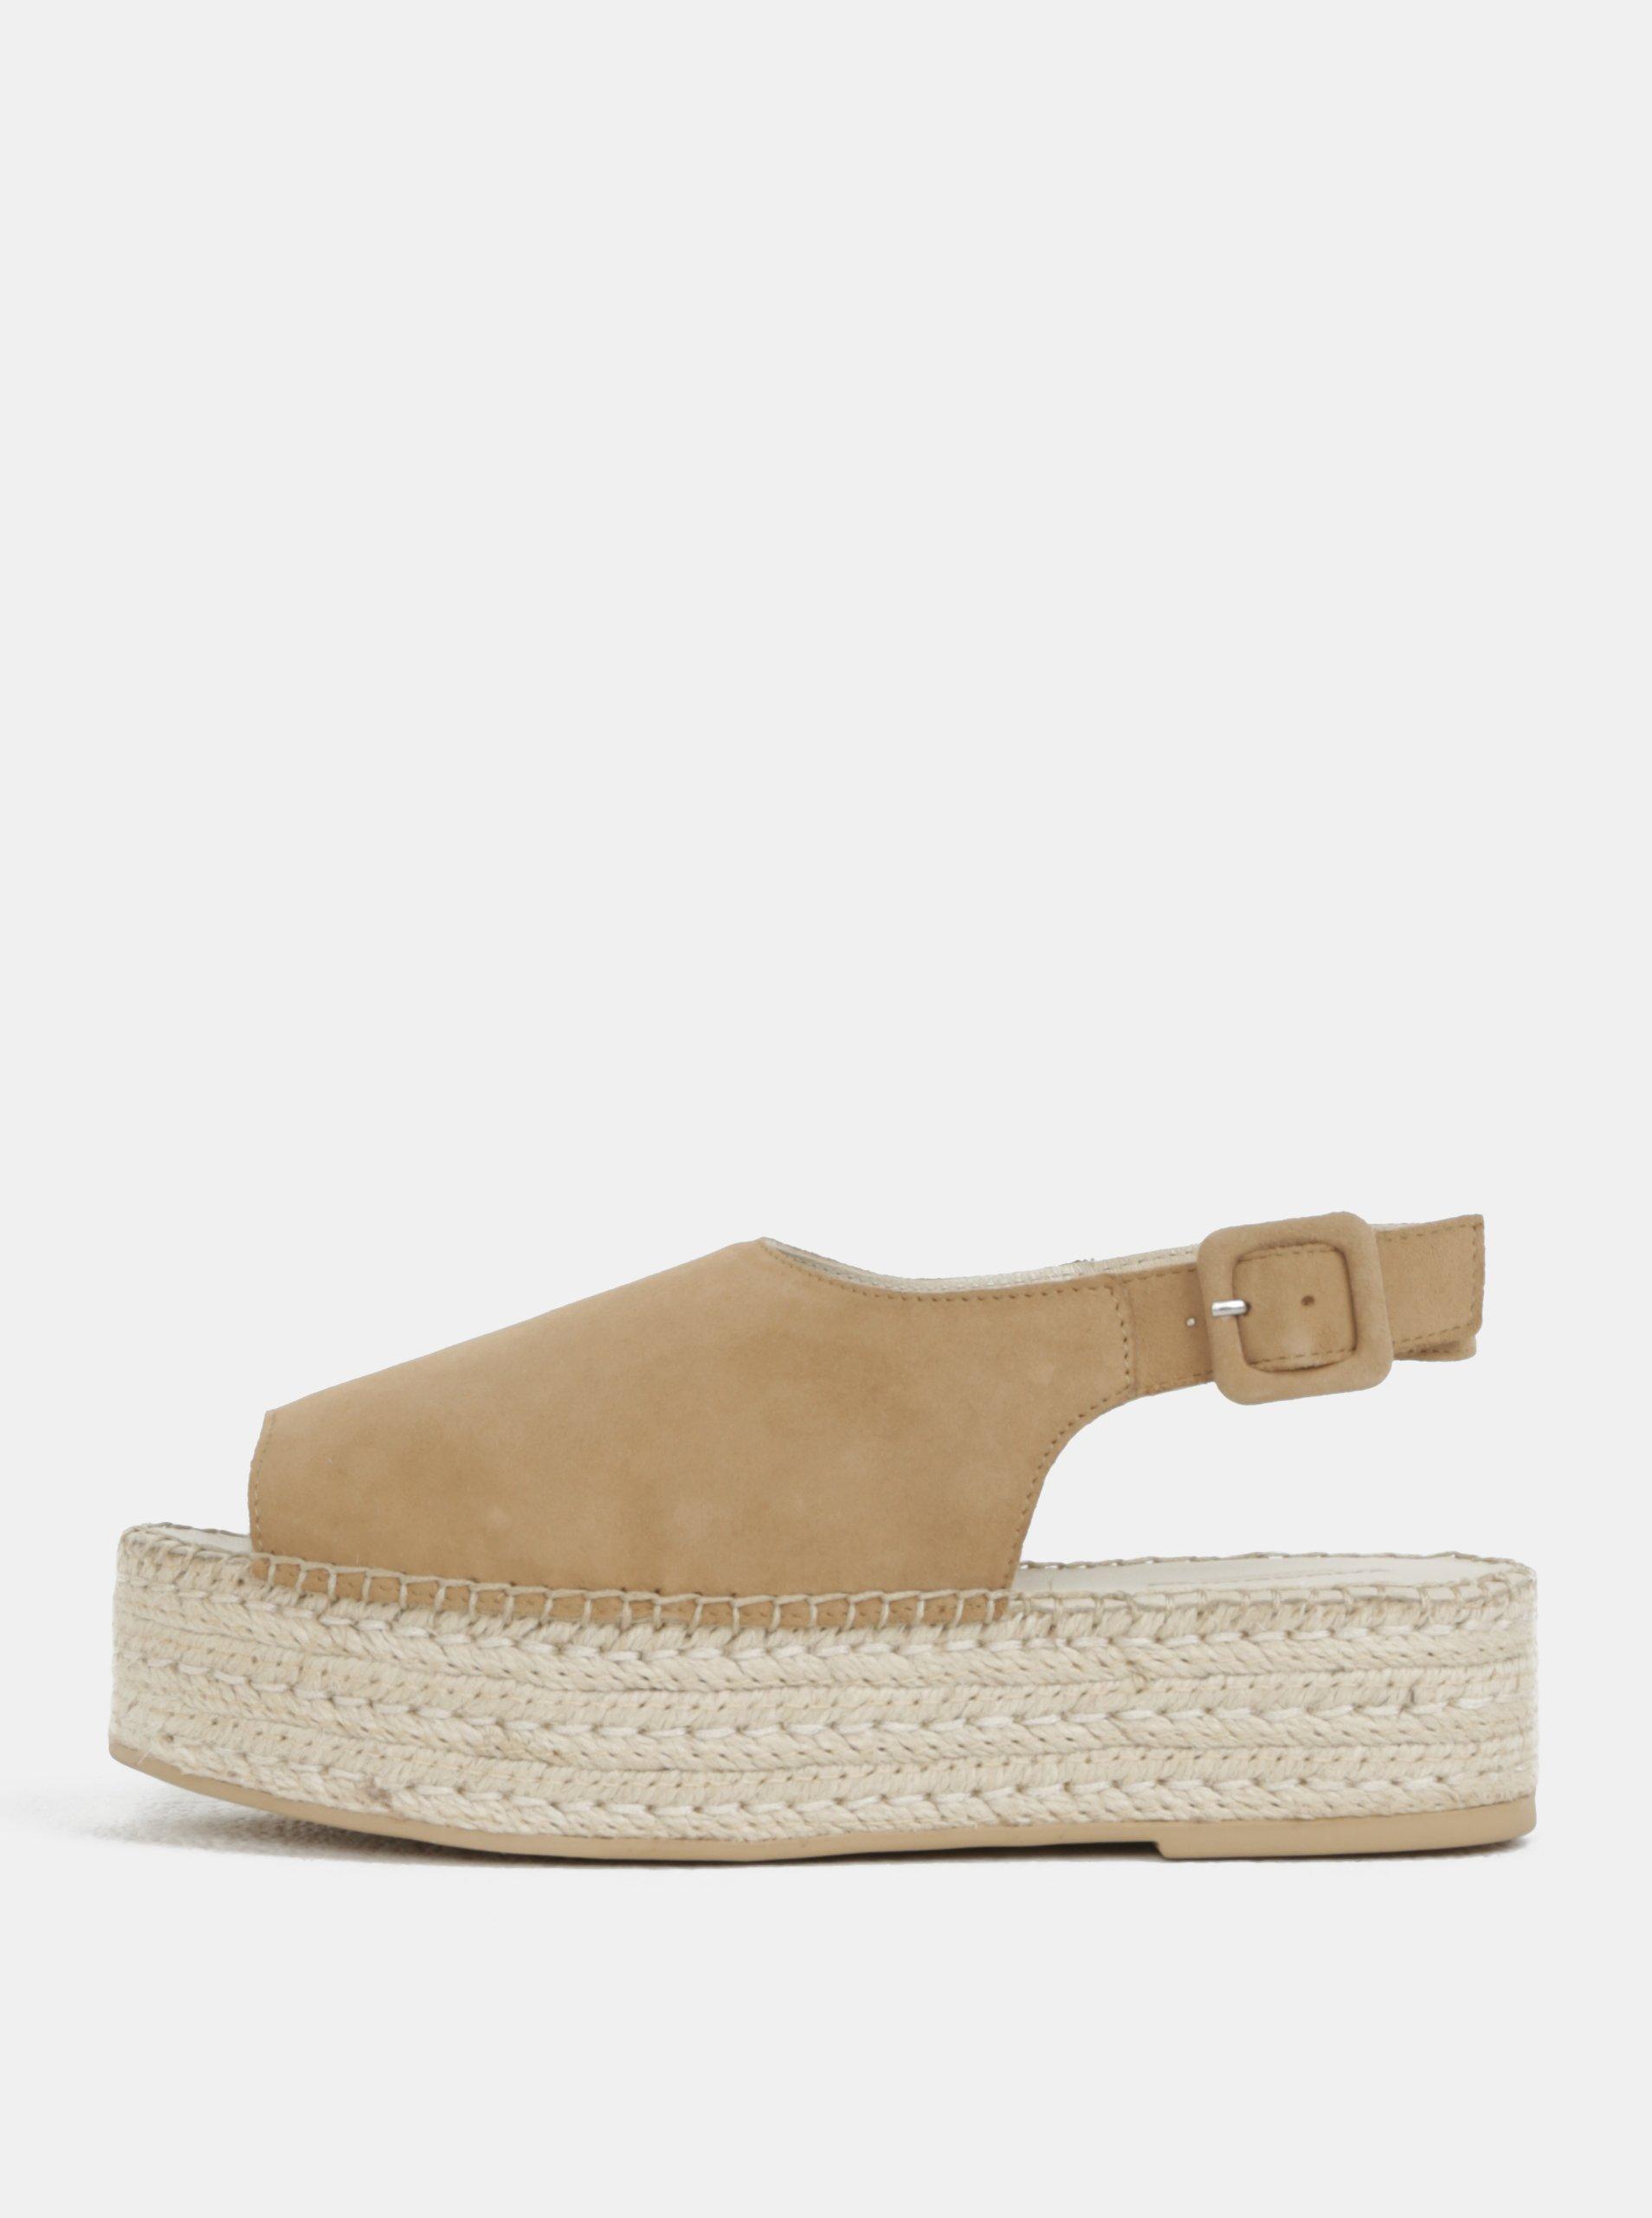 1bc61a77db14 Béžové dámske semišové sandále na platforme Vagabond Celeste